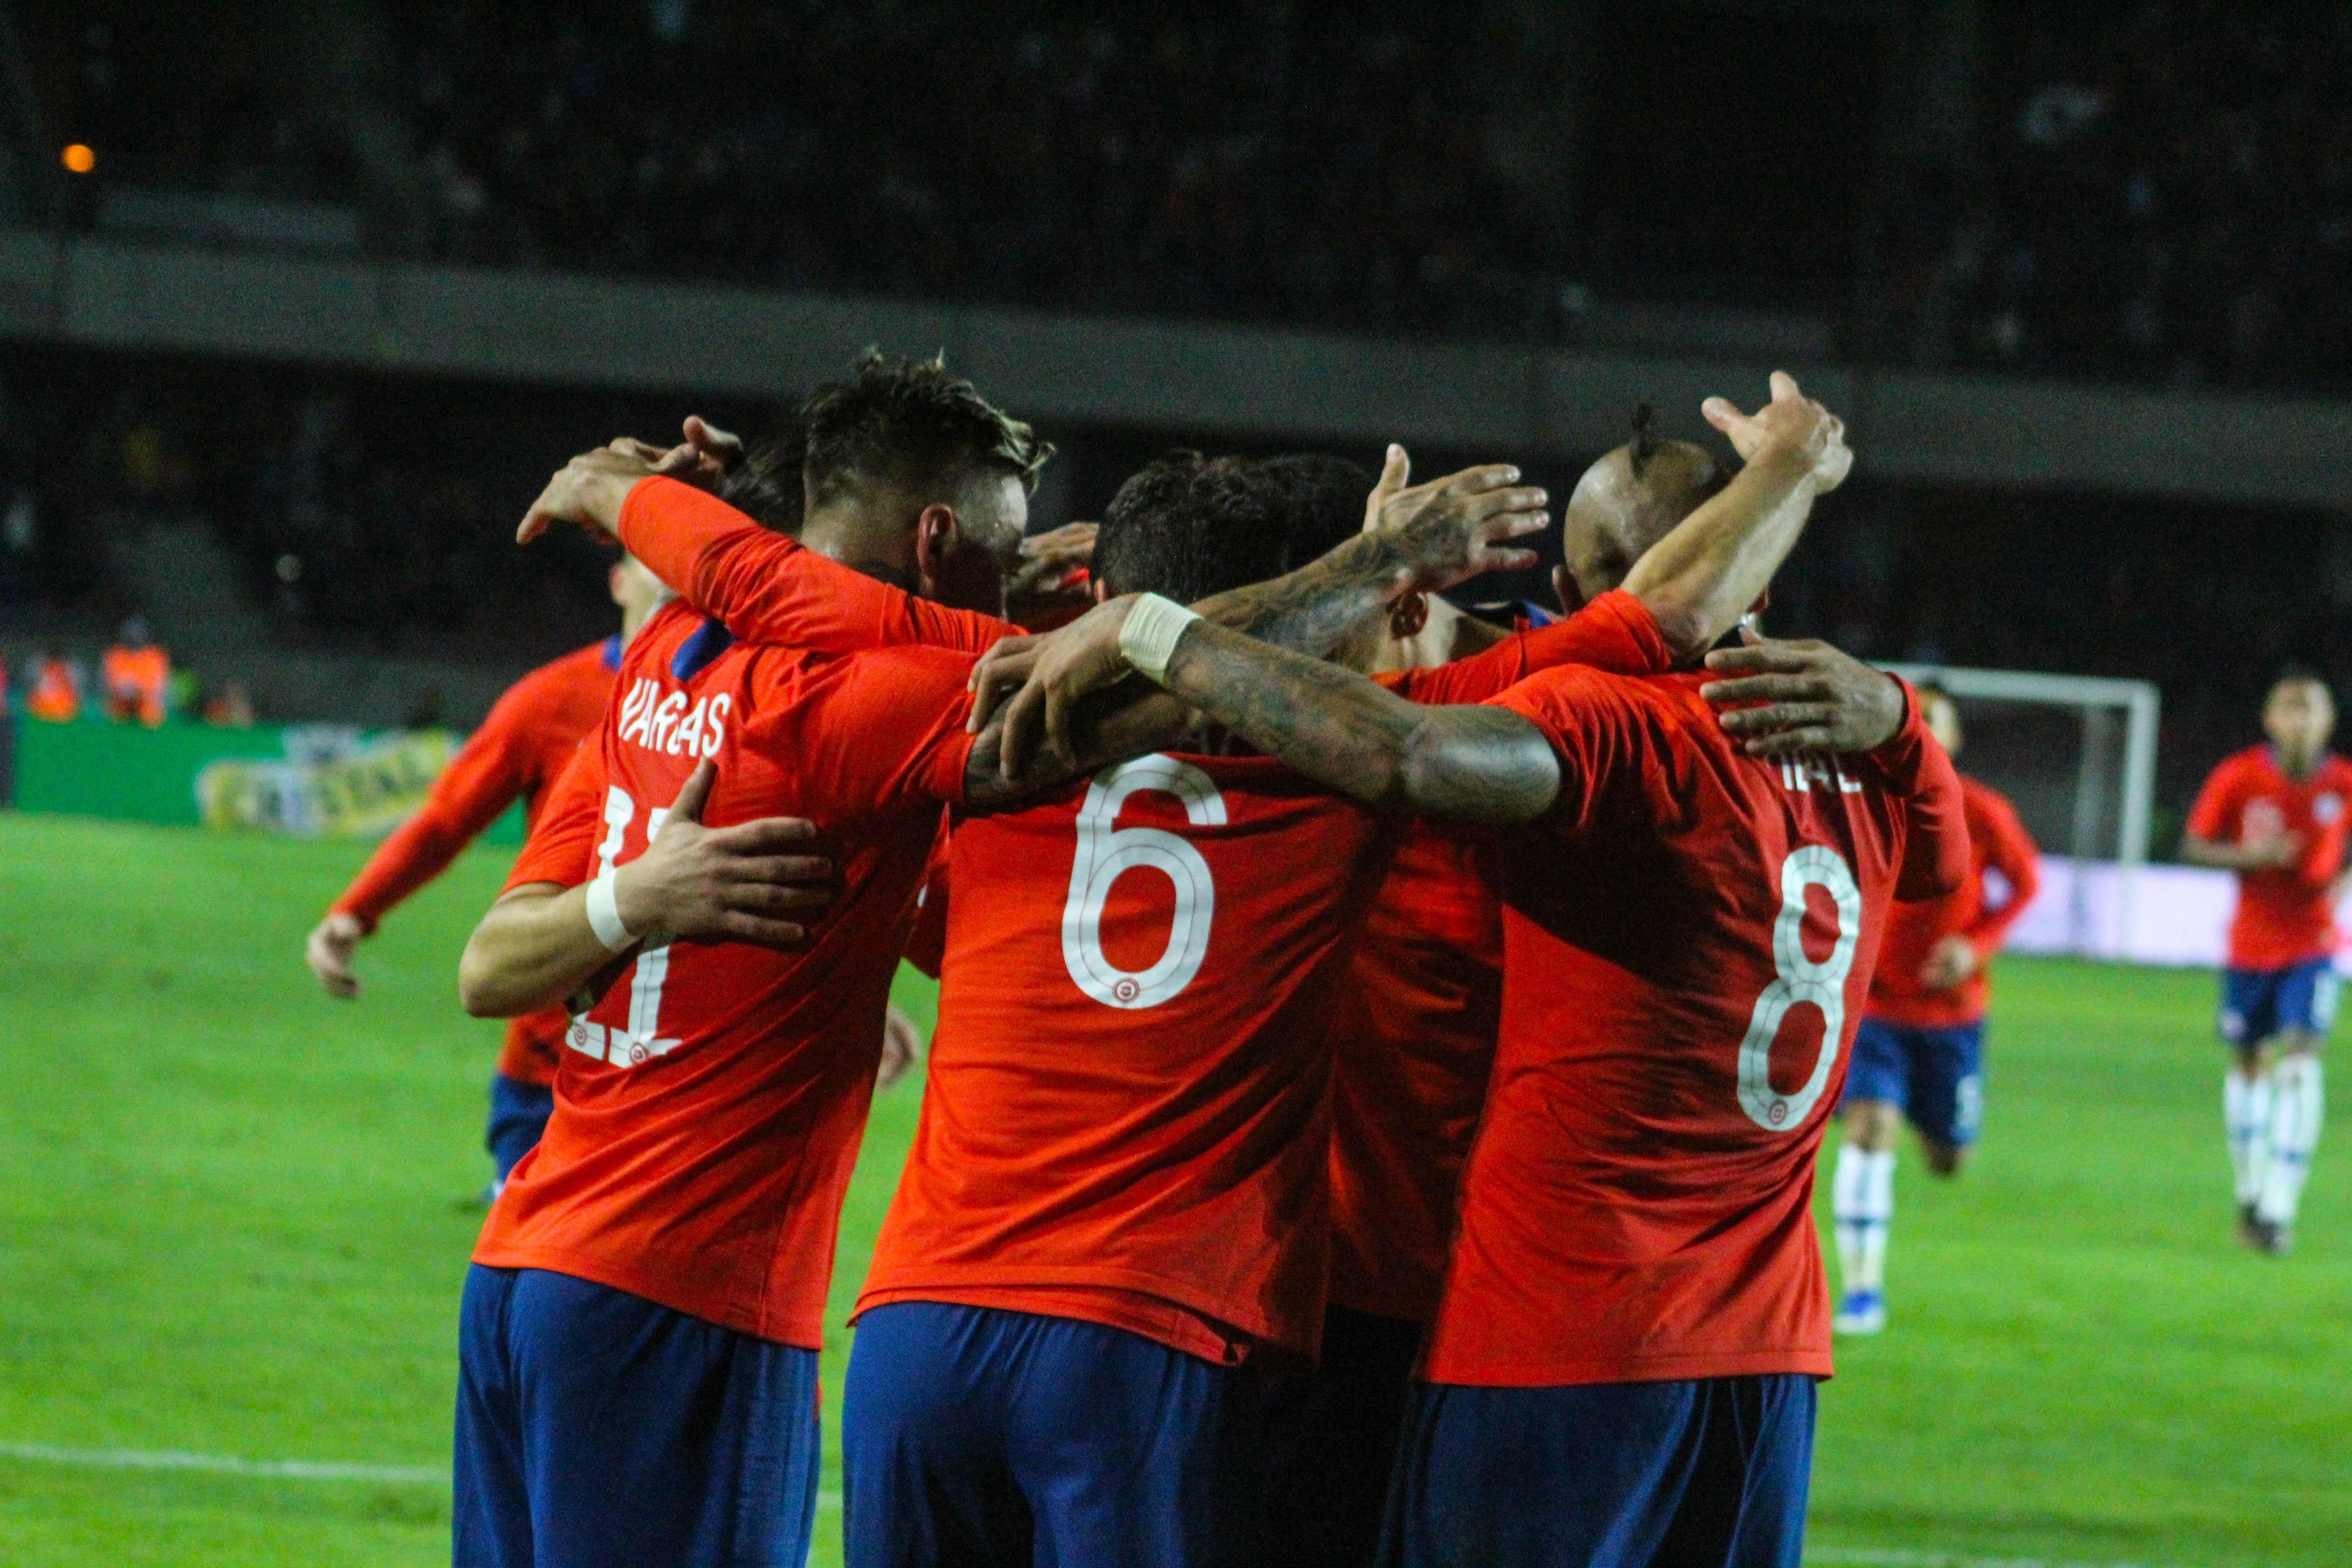 Galería de fotos: Chile vs Haití